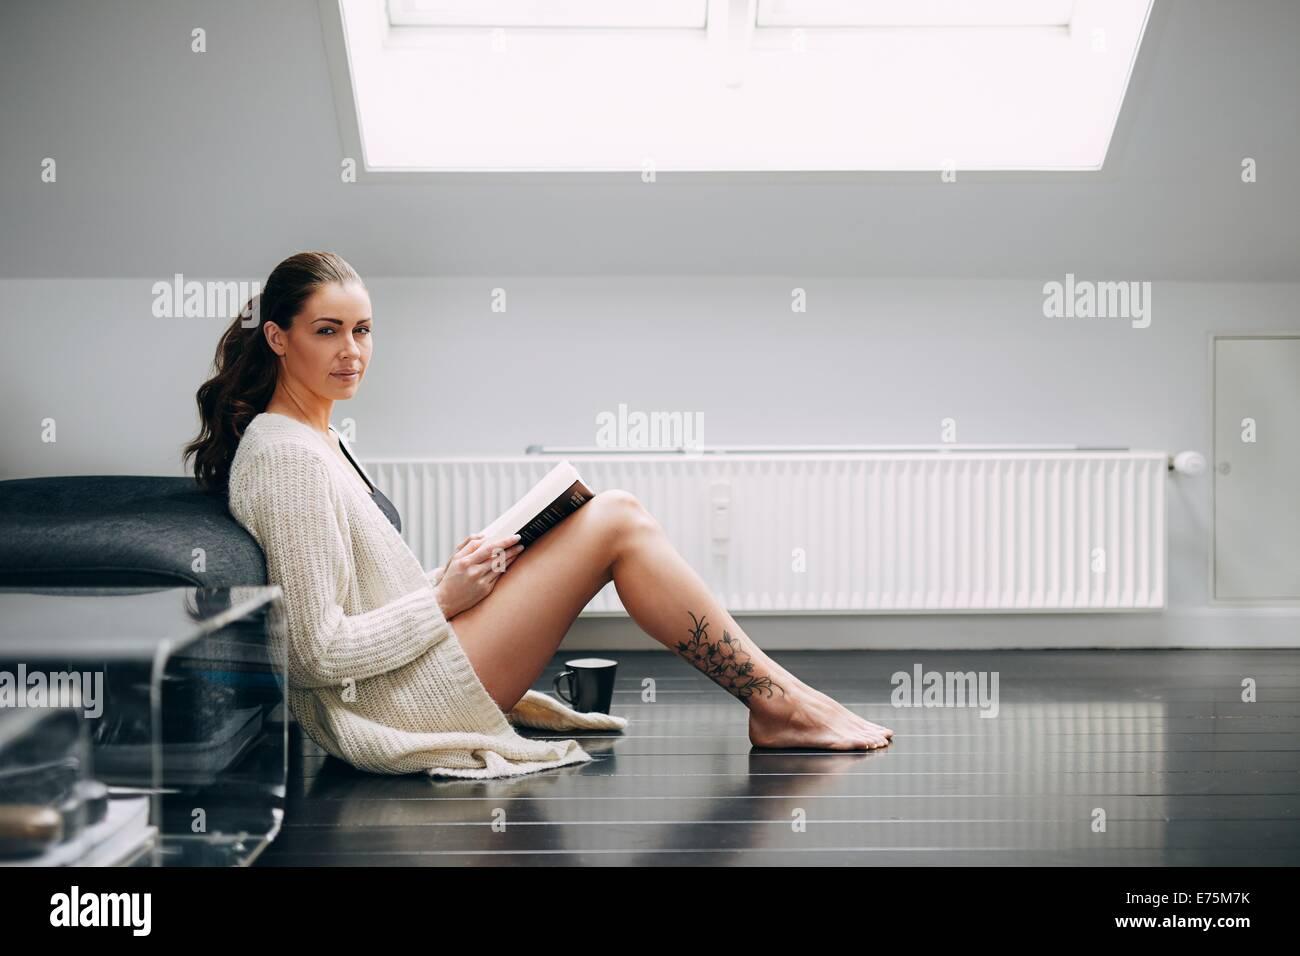 Belle brune femme lisant un livre d'un canapé. Joli modèle féminin assis sur le plancher avec un livre à la recherche Banque D'Images